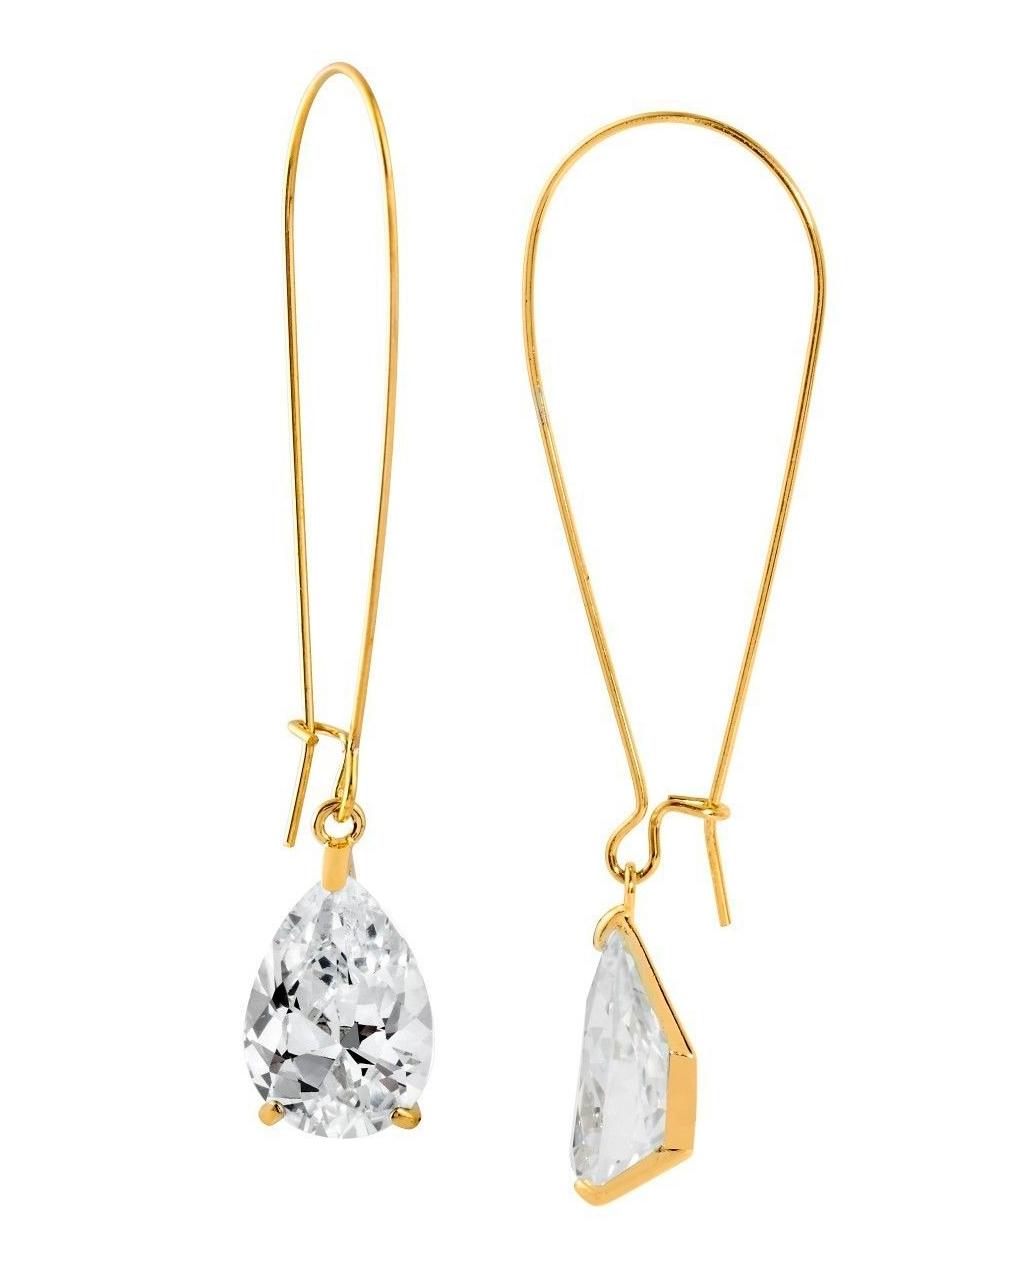 bridesmaid-gifts-earrings-crystaldrop-0914.jpg